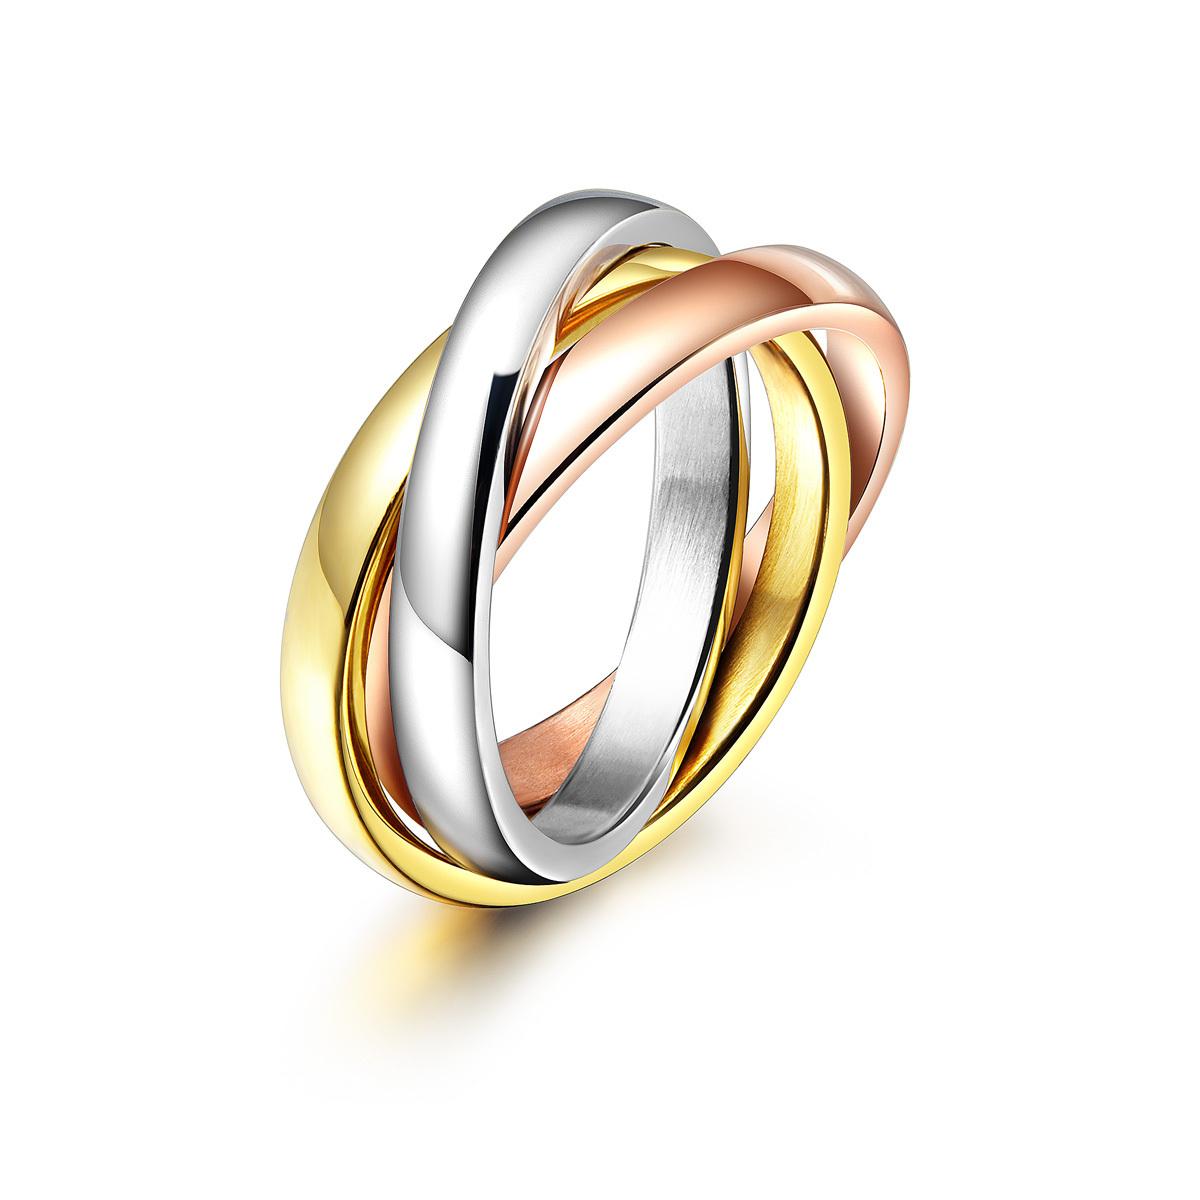 Free Wedding Ring Transparent, Download Free Clip Art, Free.